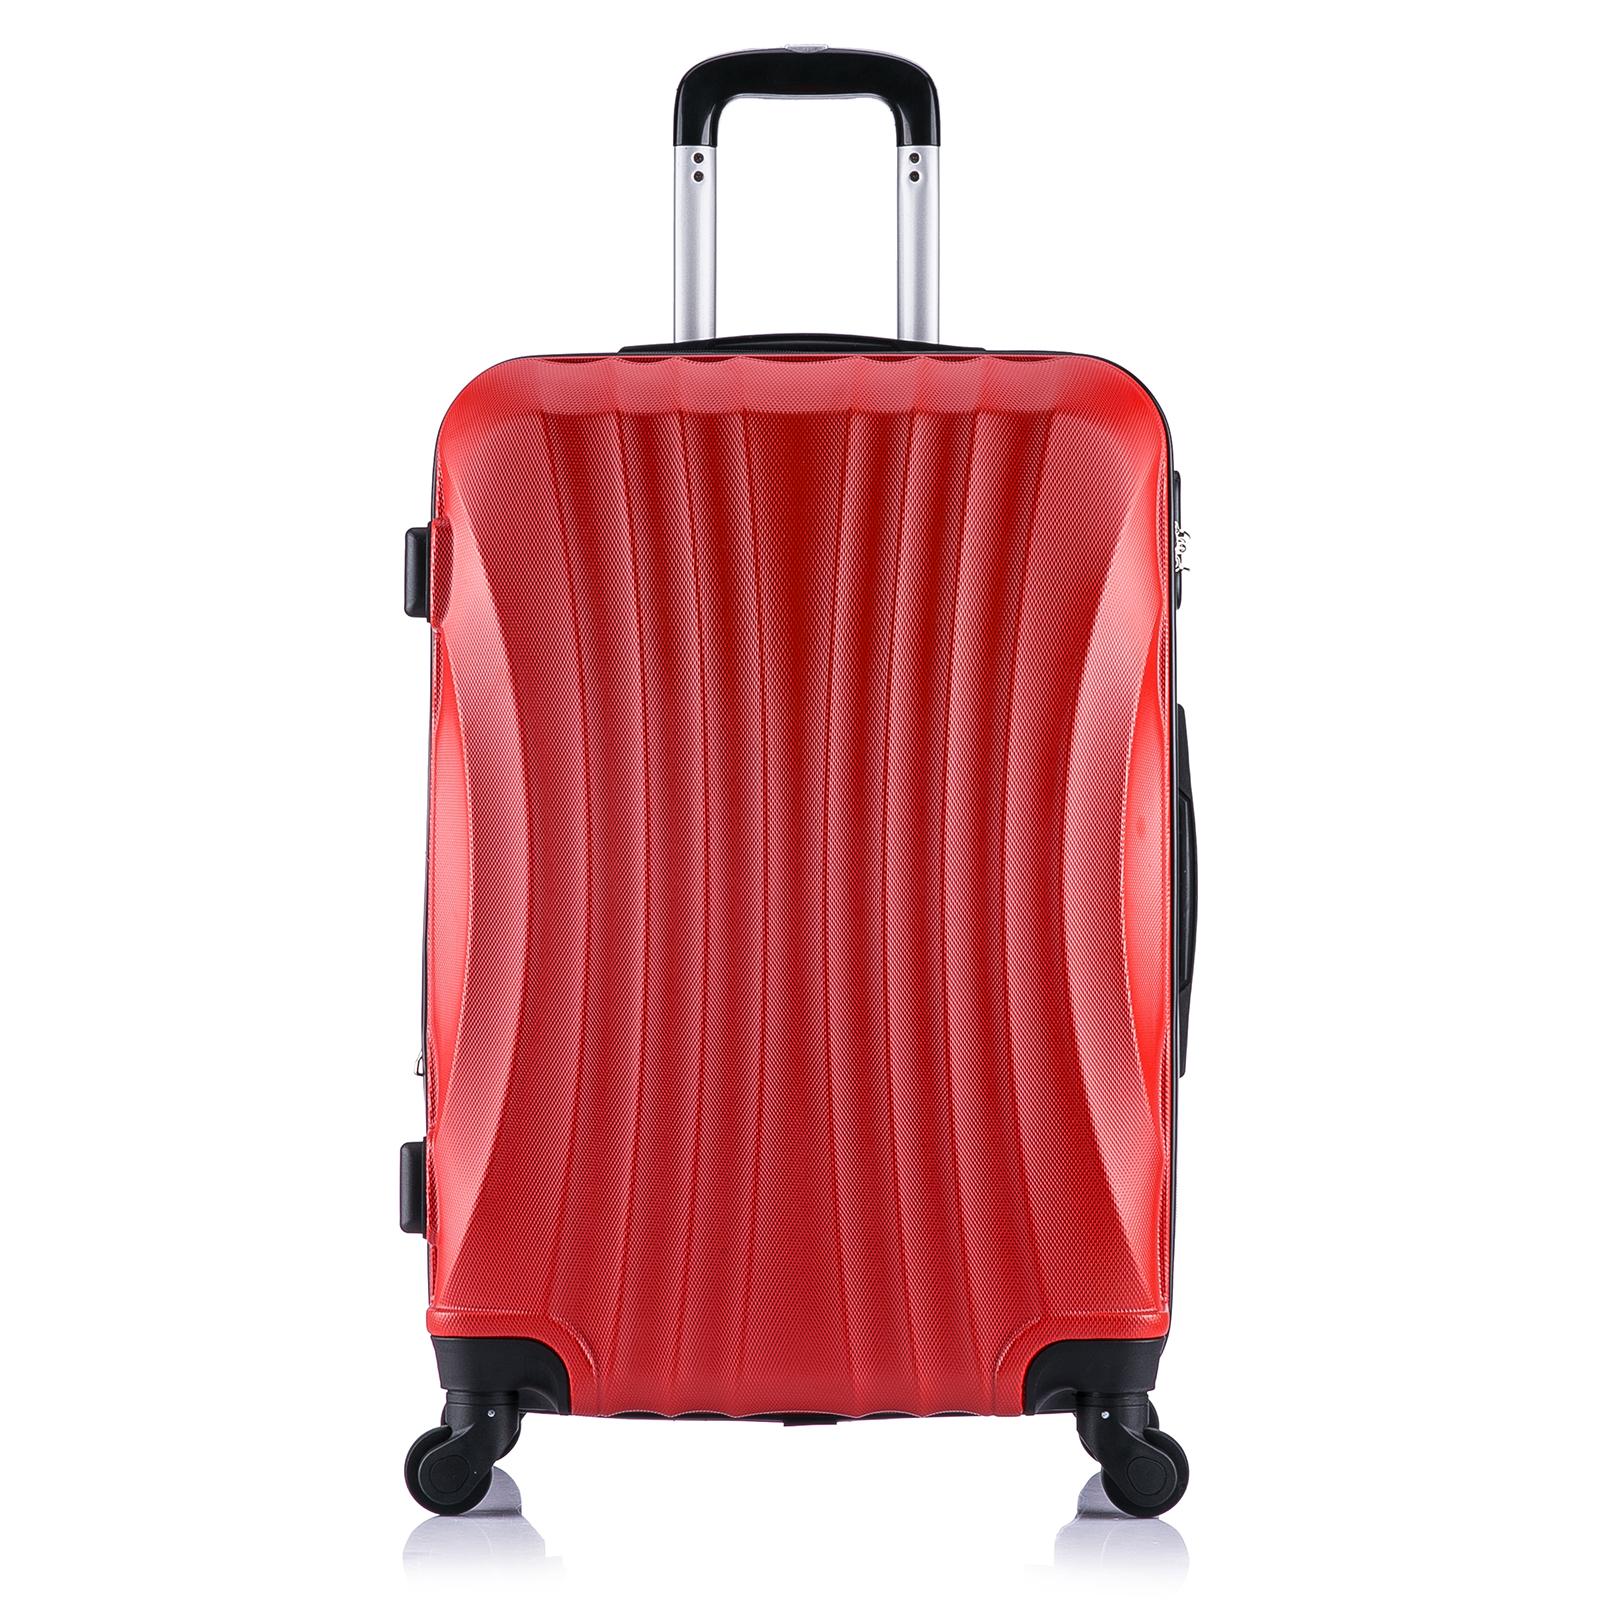 koffer trolley reisekoffer hartschalenkoffer handgep ck m mit 4 rollen 467 1 ebay. Black Bedroom Furniture Sets. Home Design Ideas